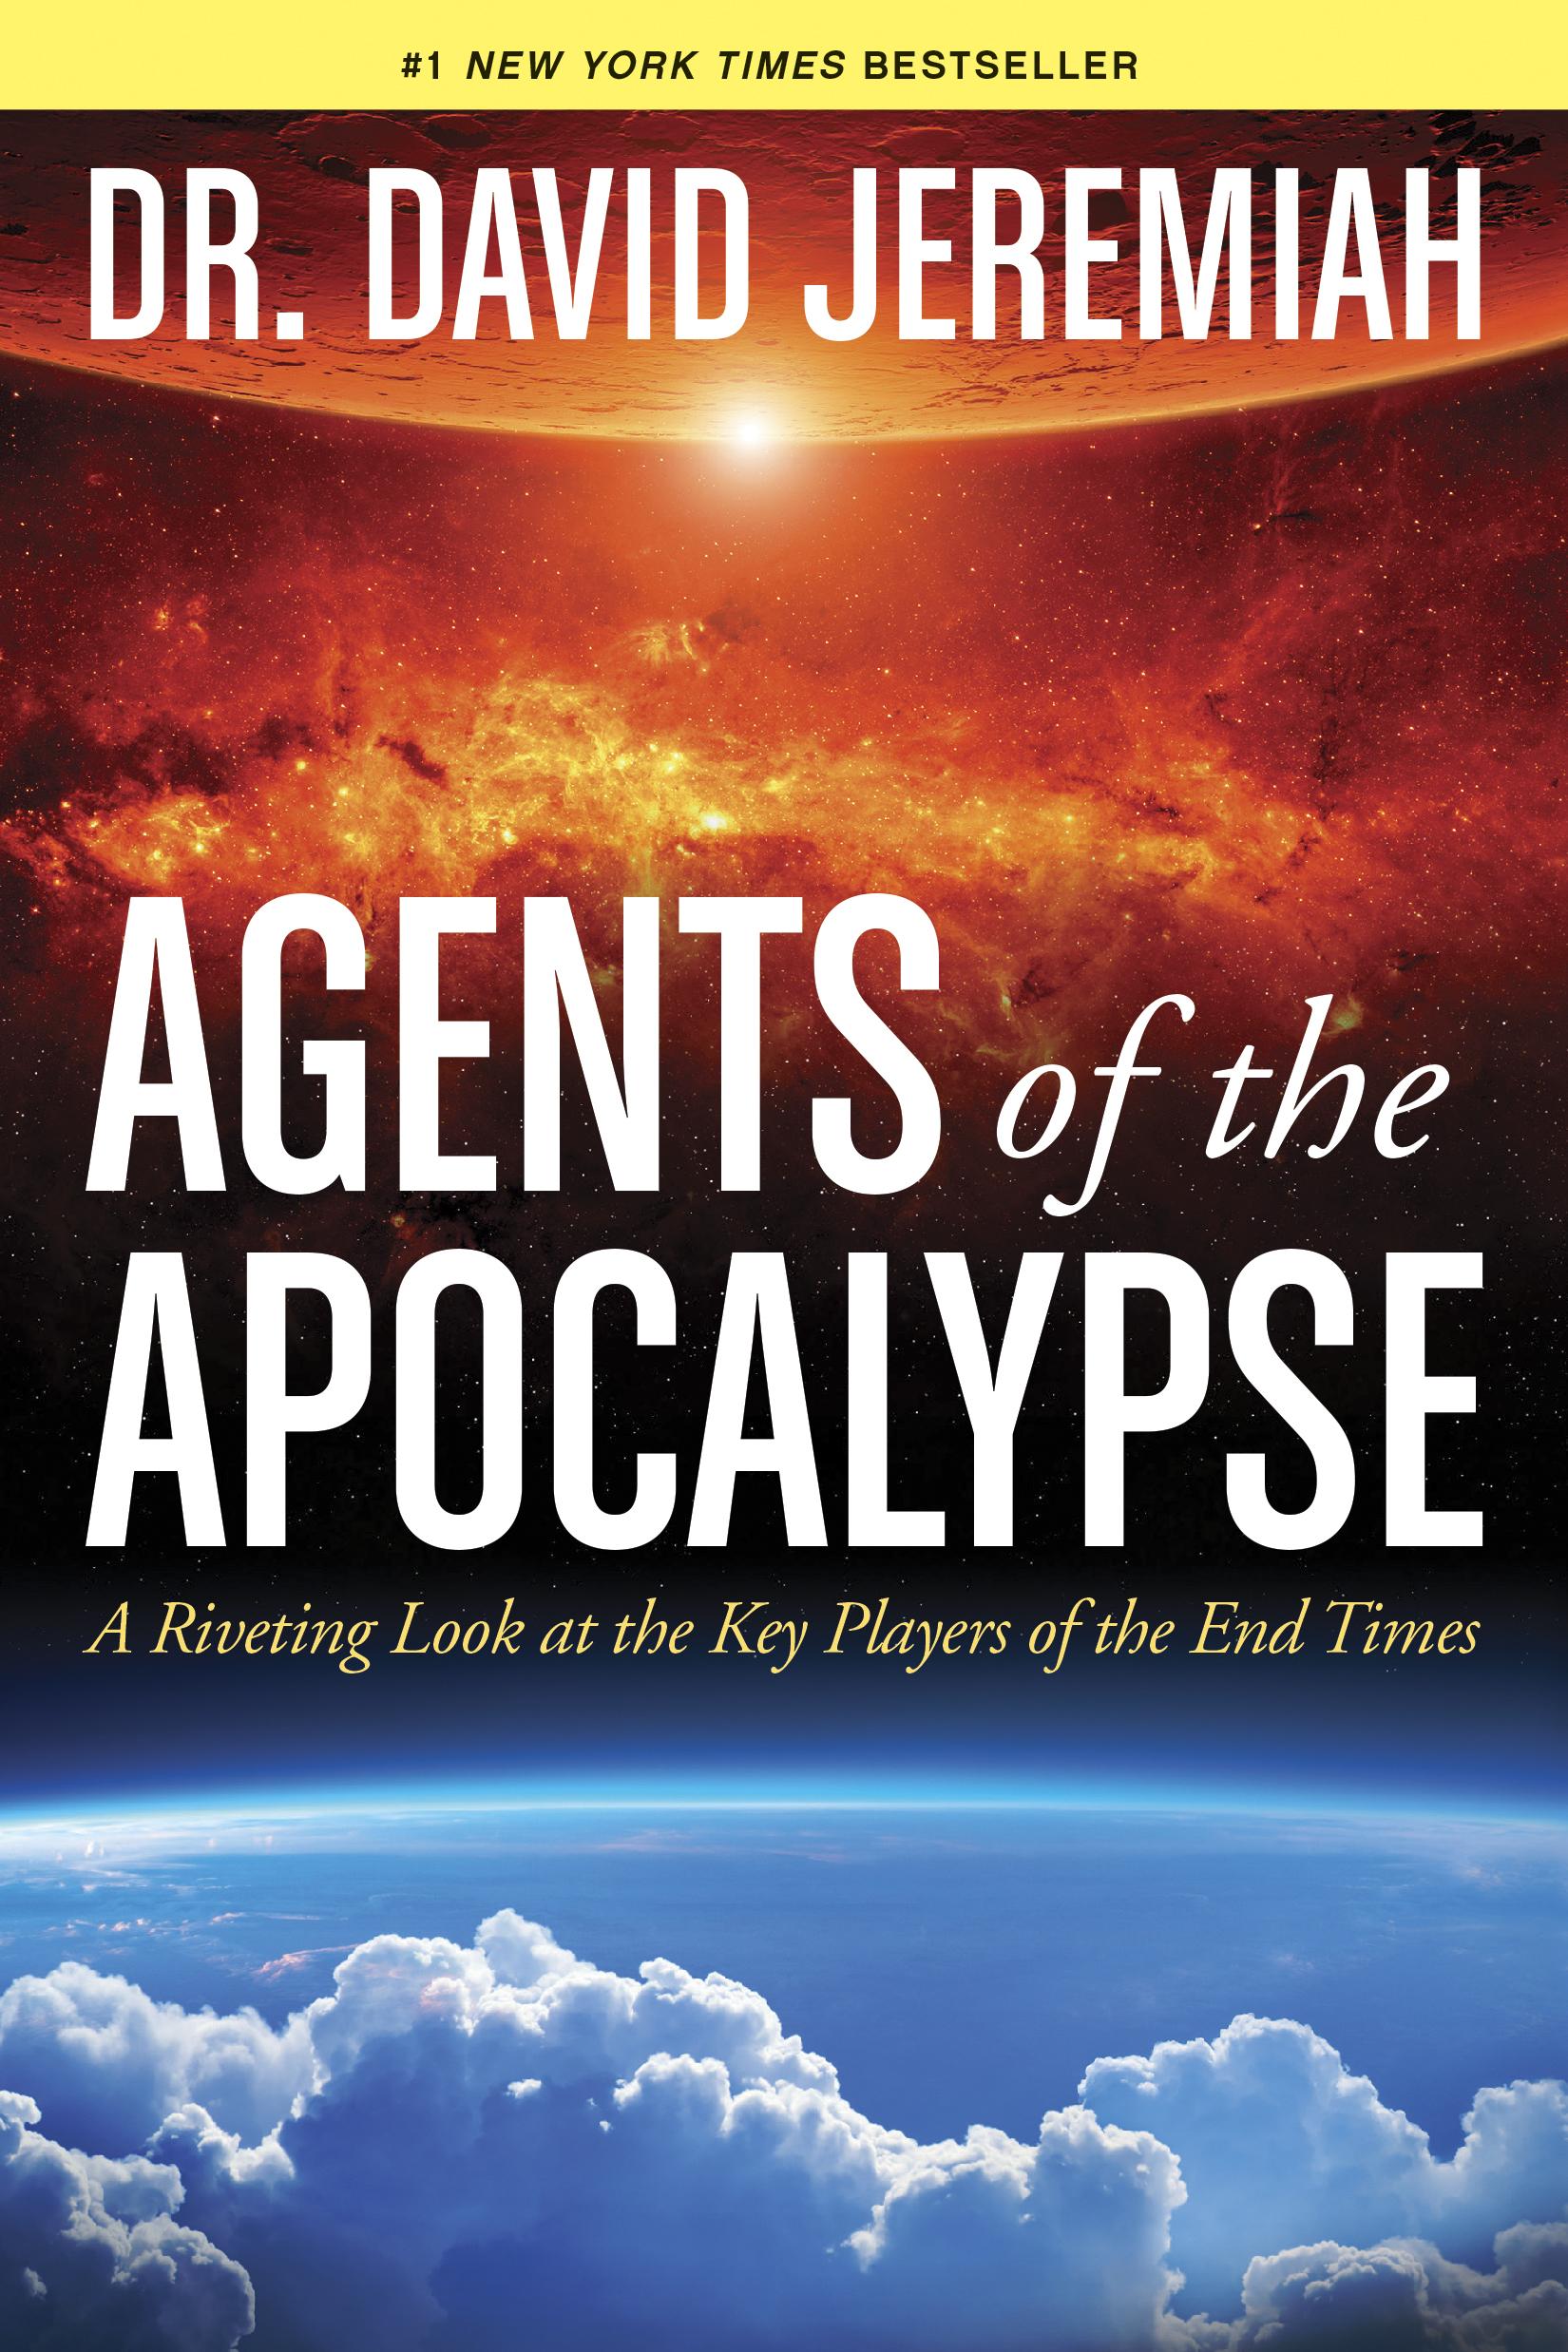 Agents of the Apocalypse